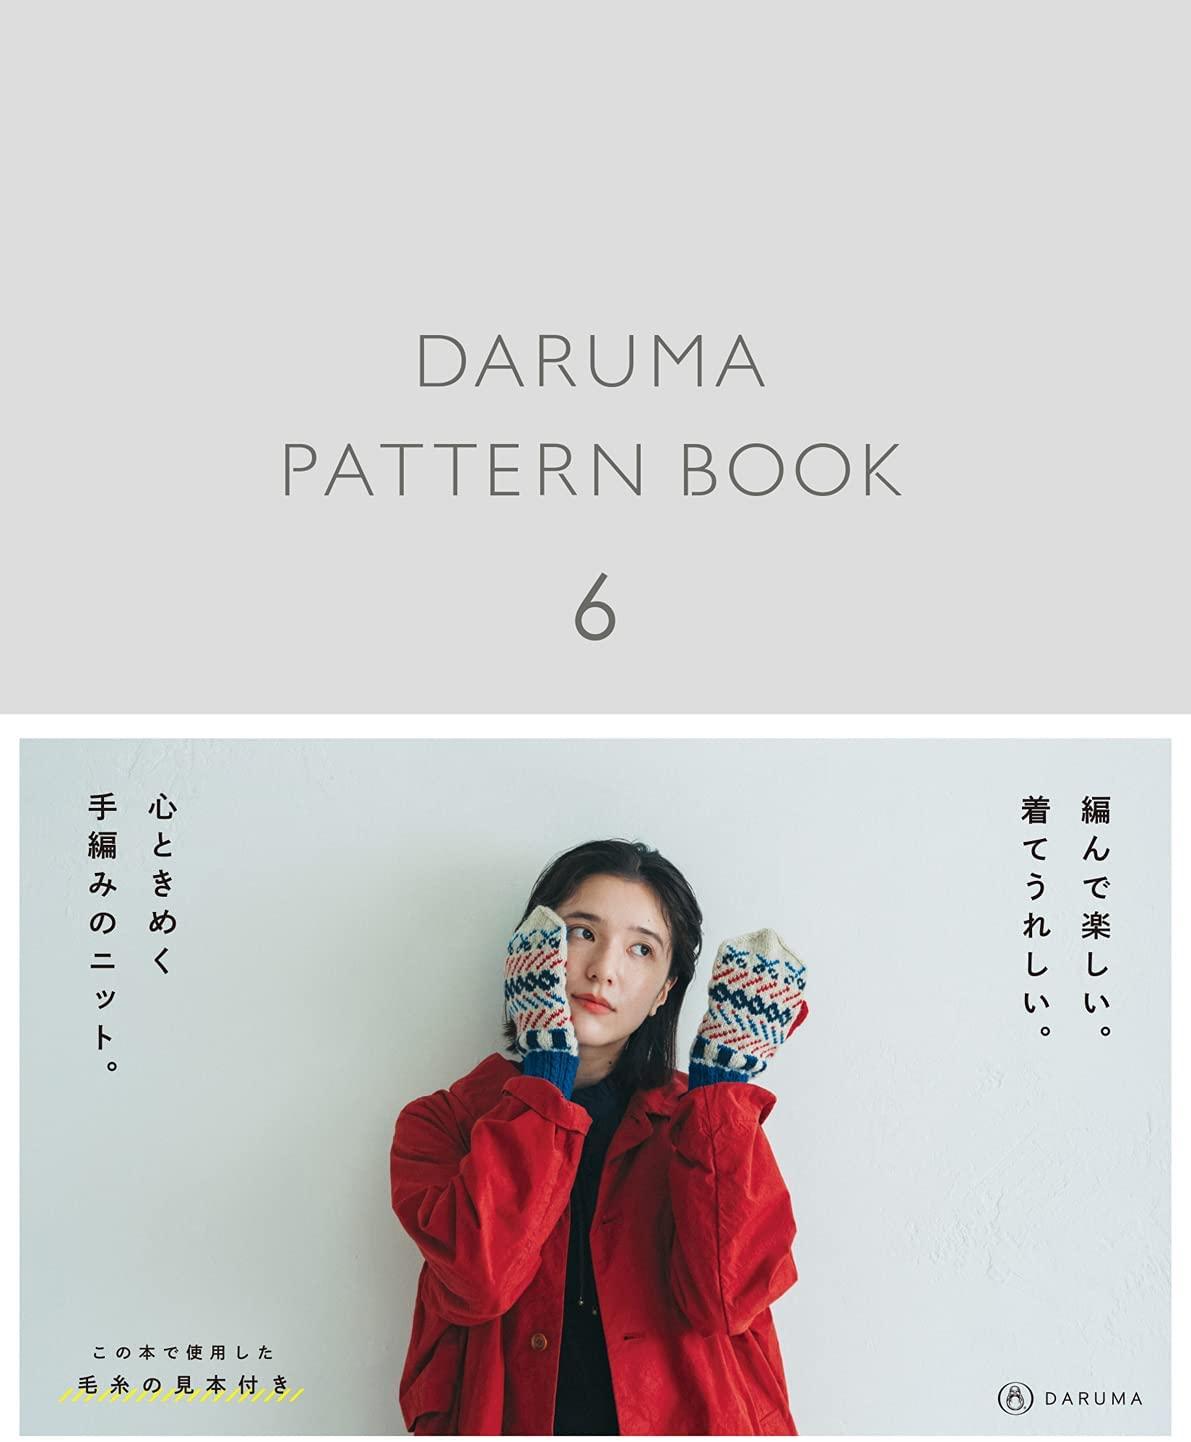 DARUMA PATTERN BOOK 6